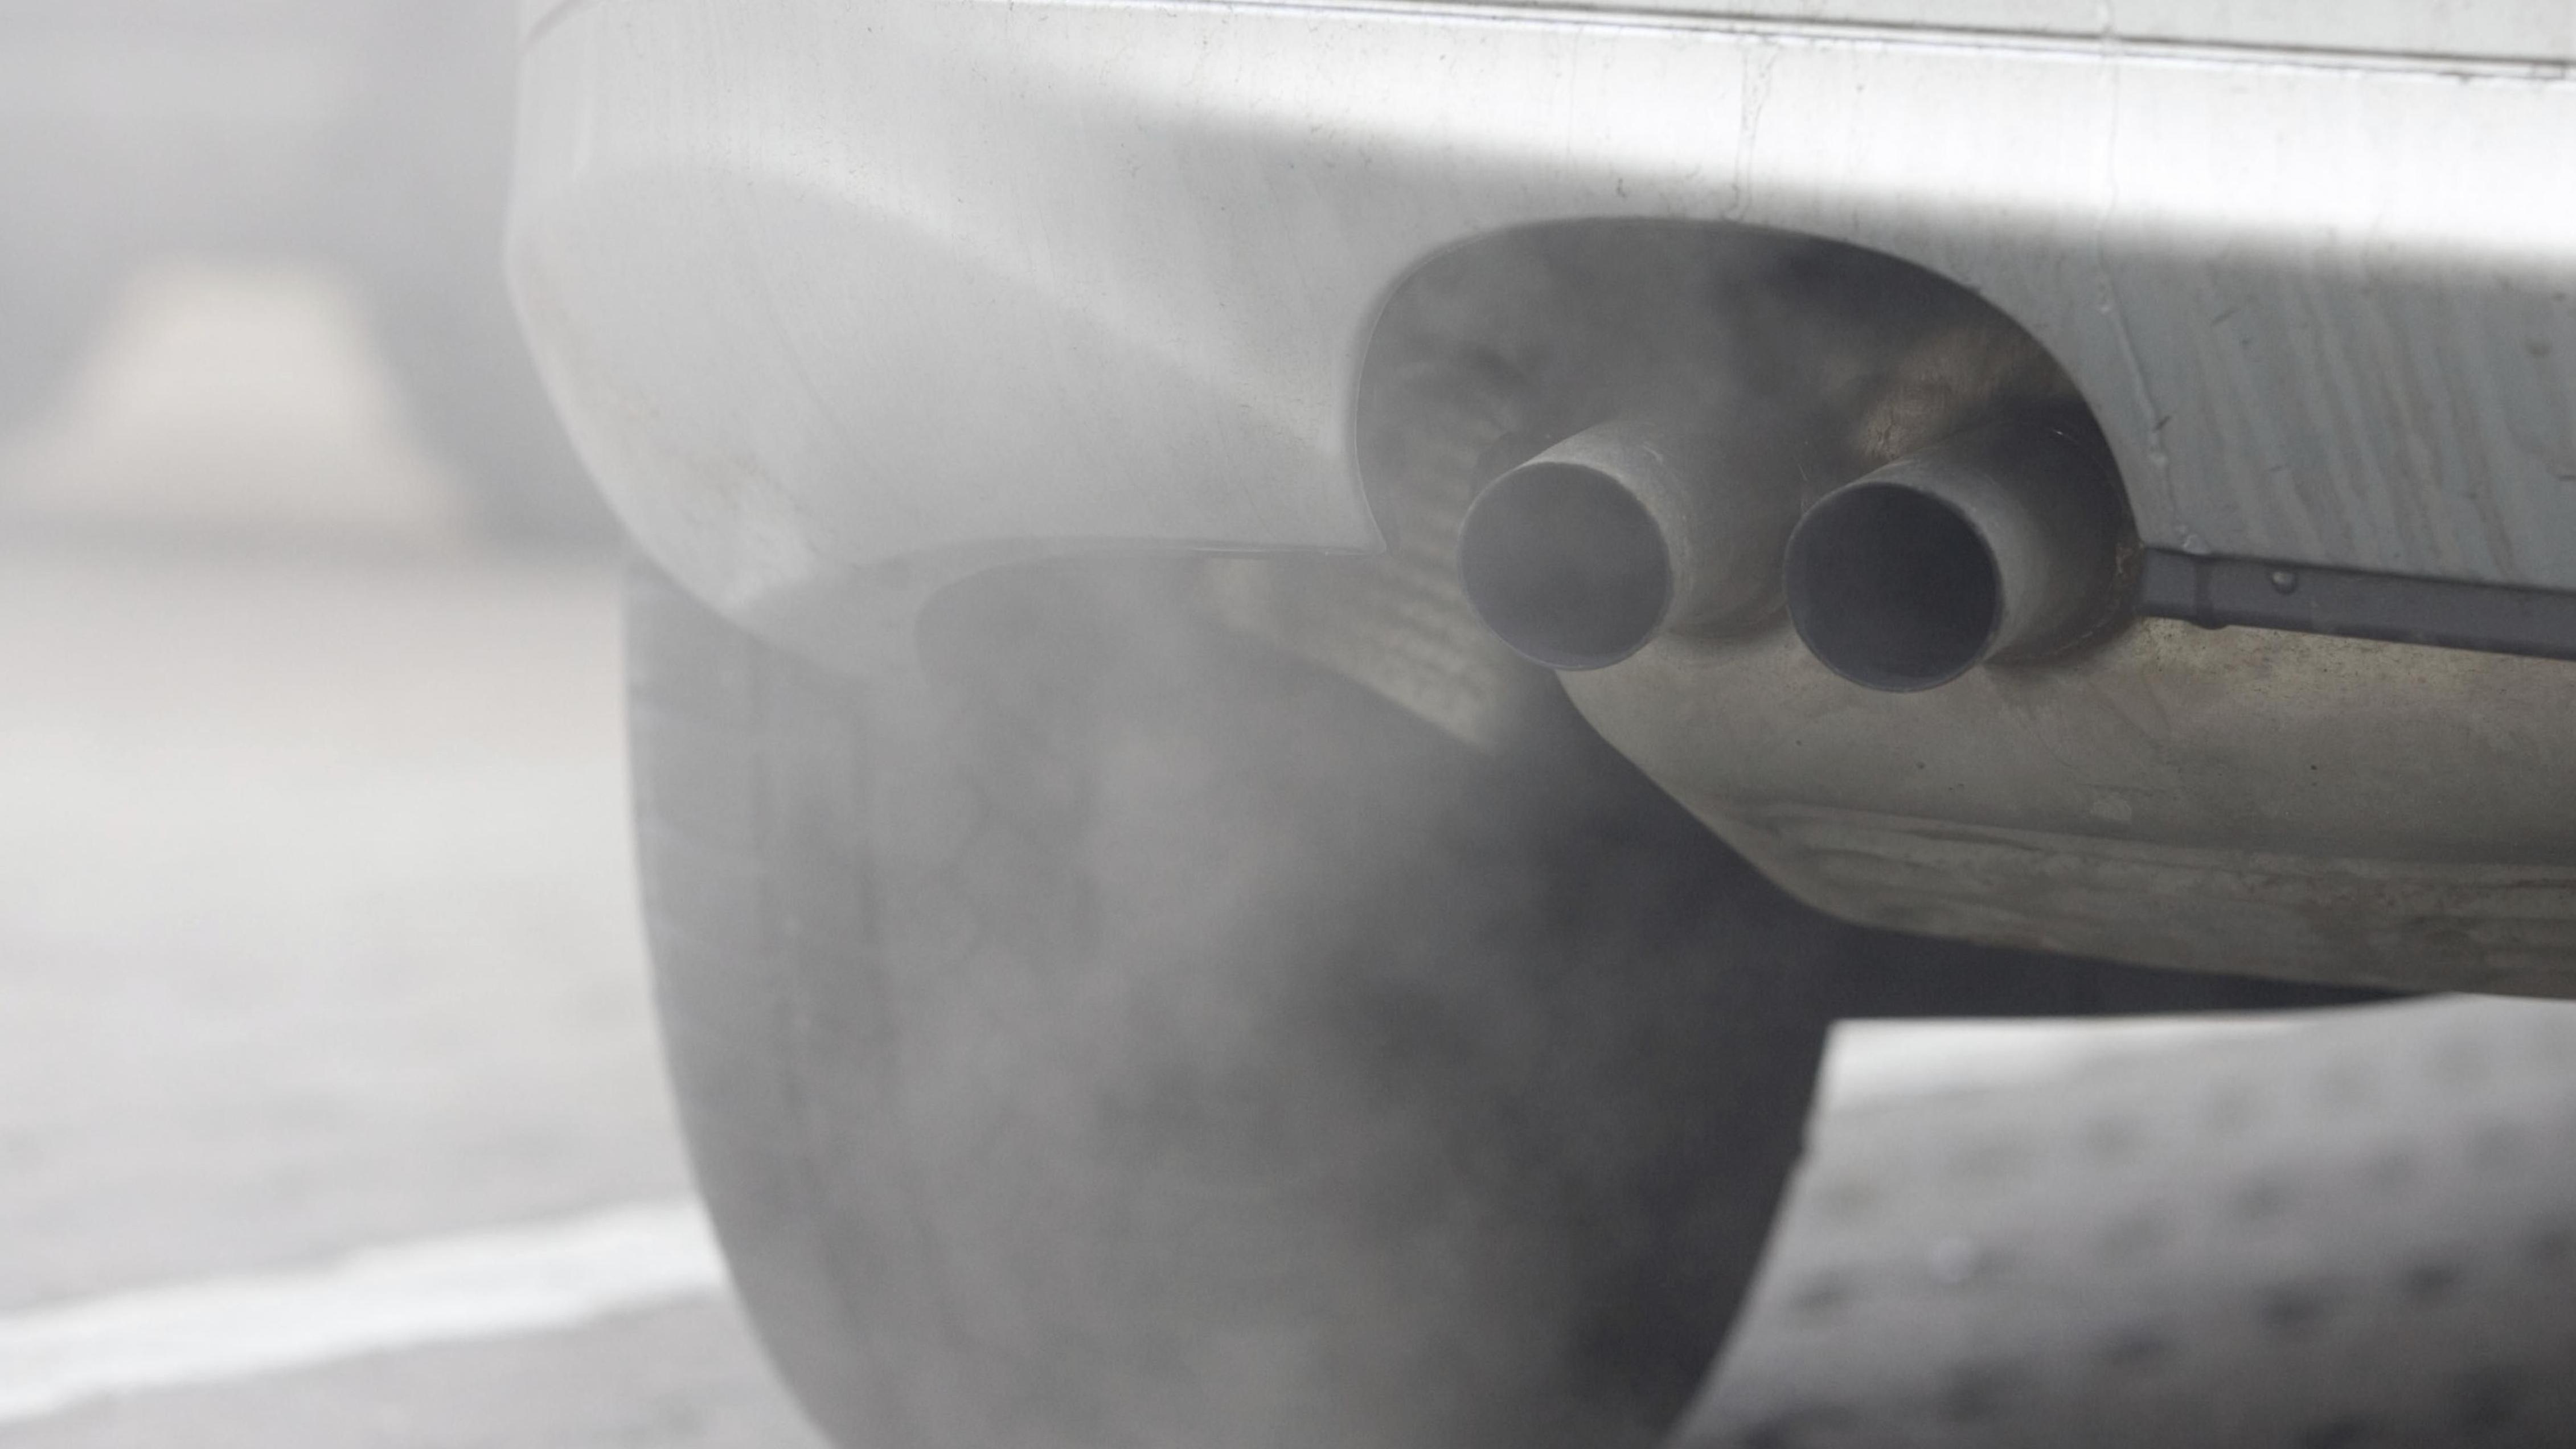 Auspuff eines Diesel-Fahrzeugs